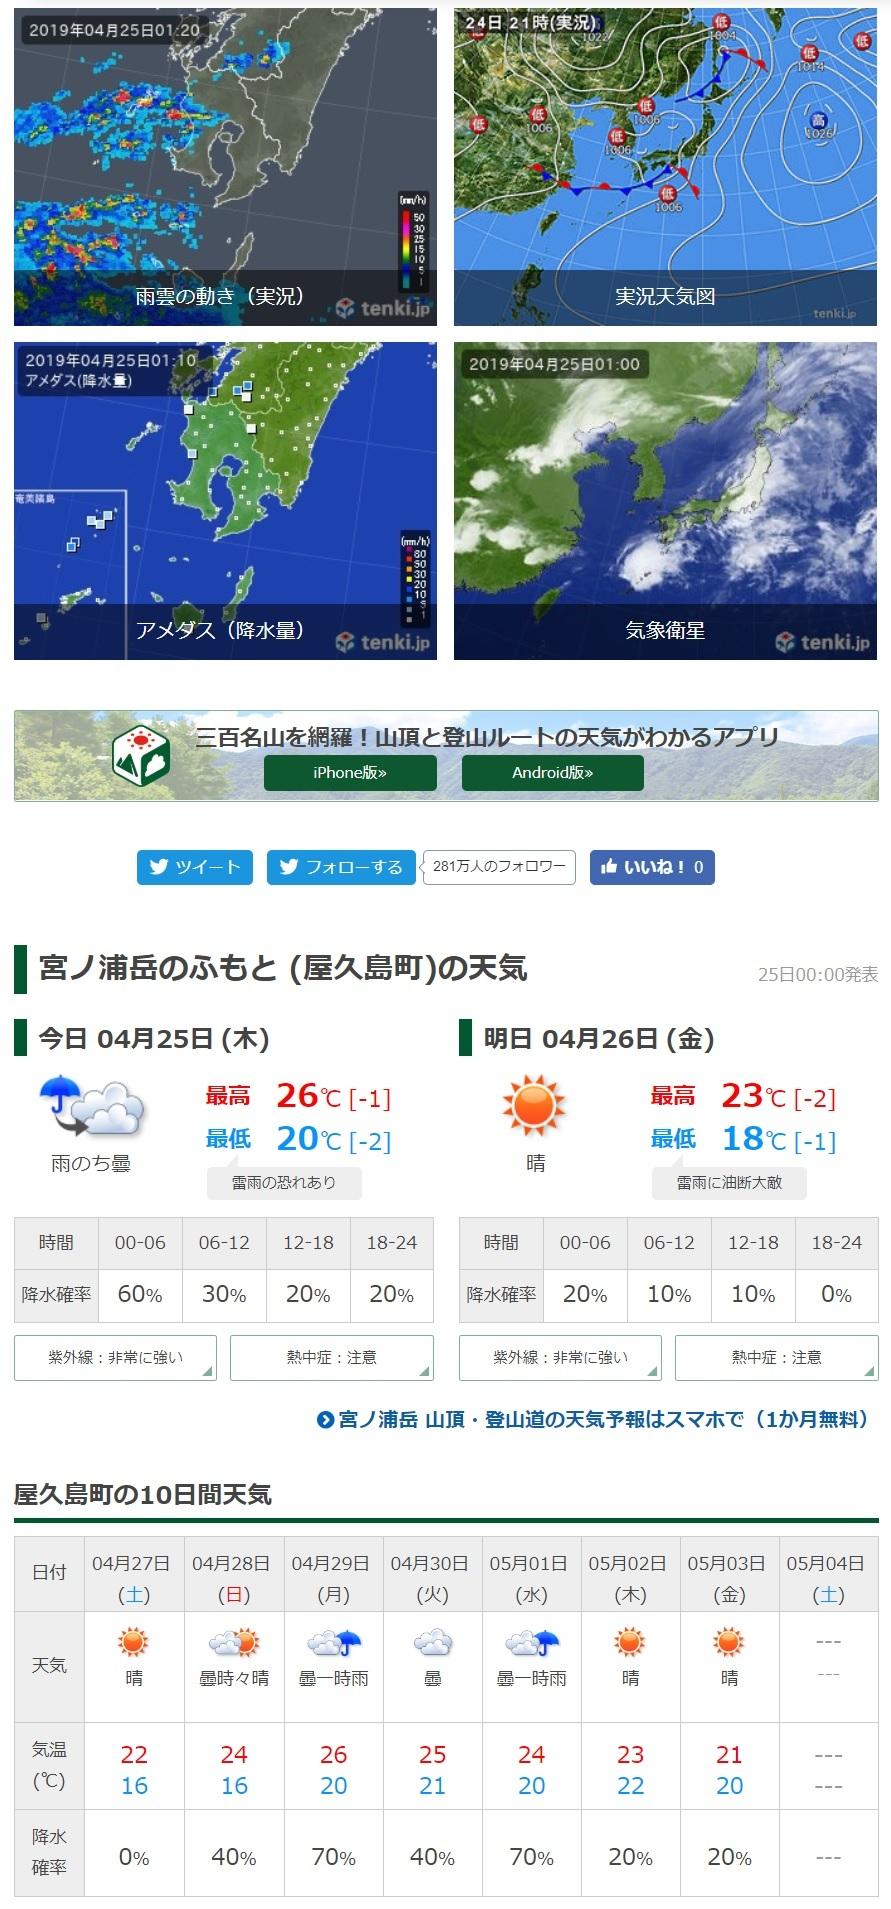 14 屋久島 日間 天気 福井(福井県)の10日間天気・18日間天気予報  